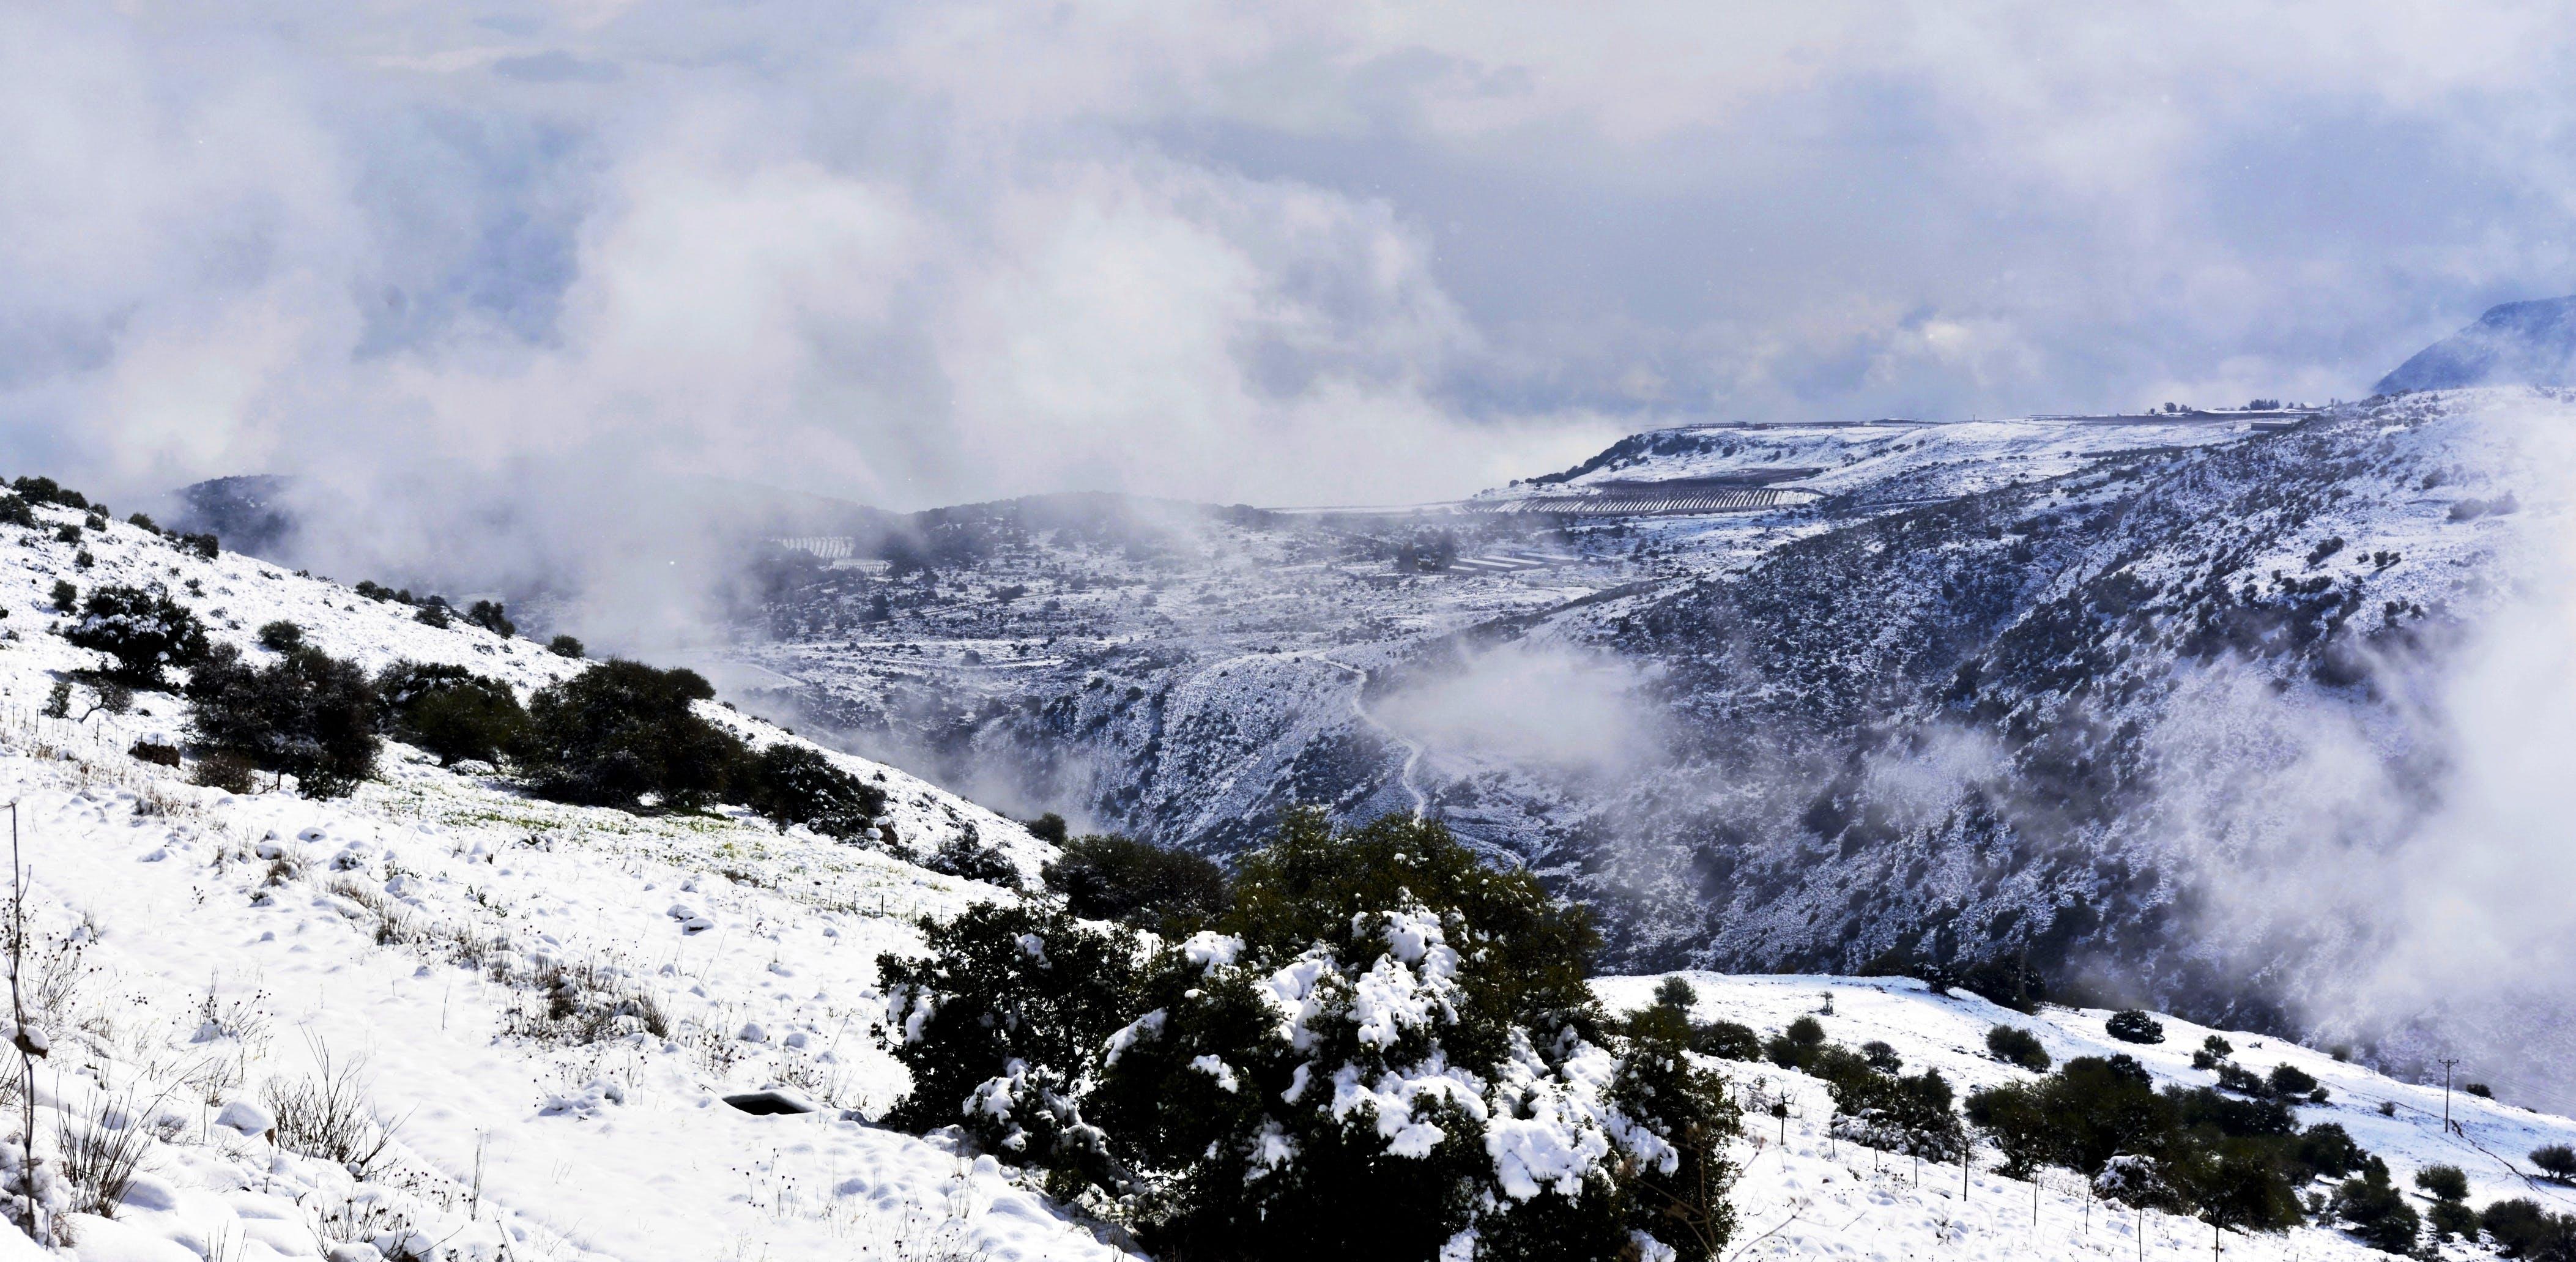 foggy, mountains, snow